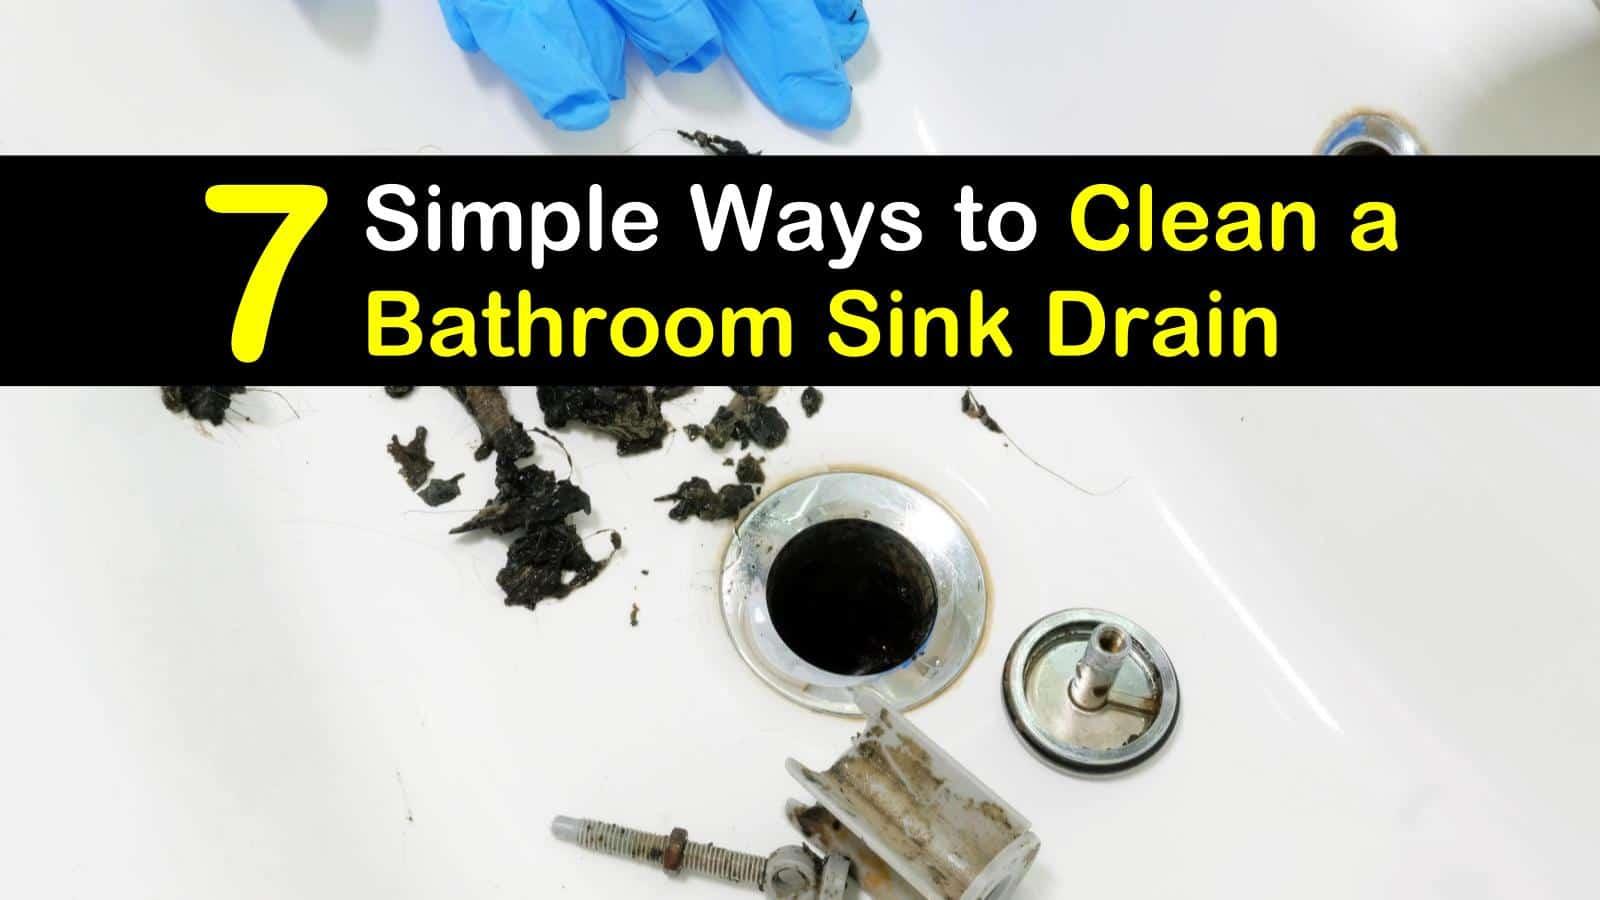 to clean a bathroom sink drain